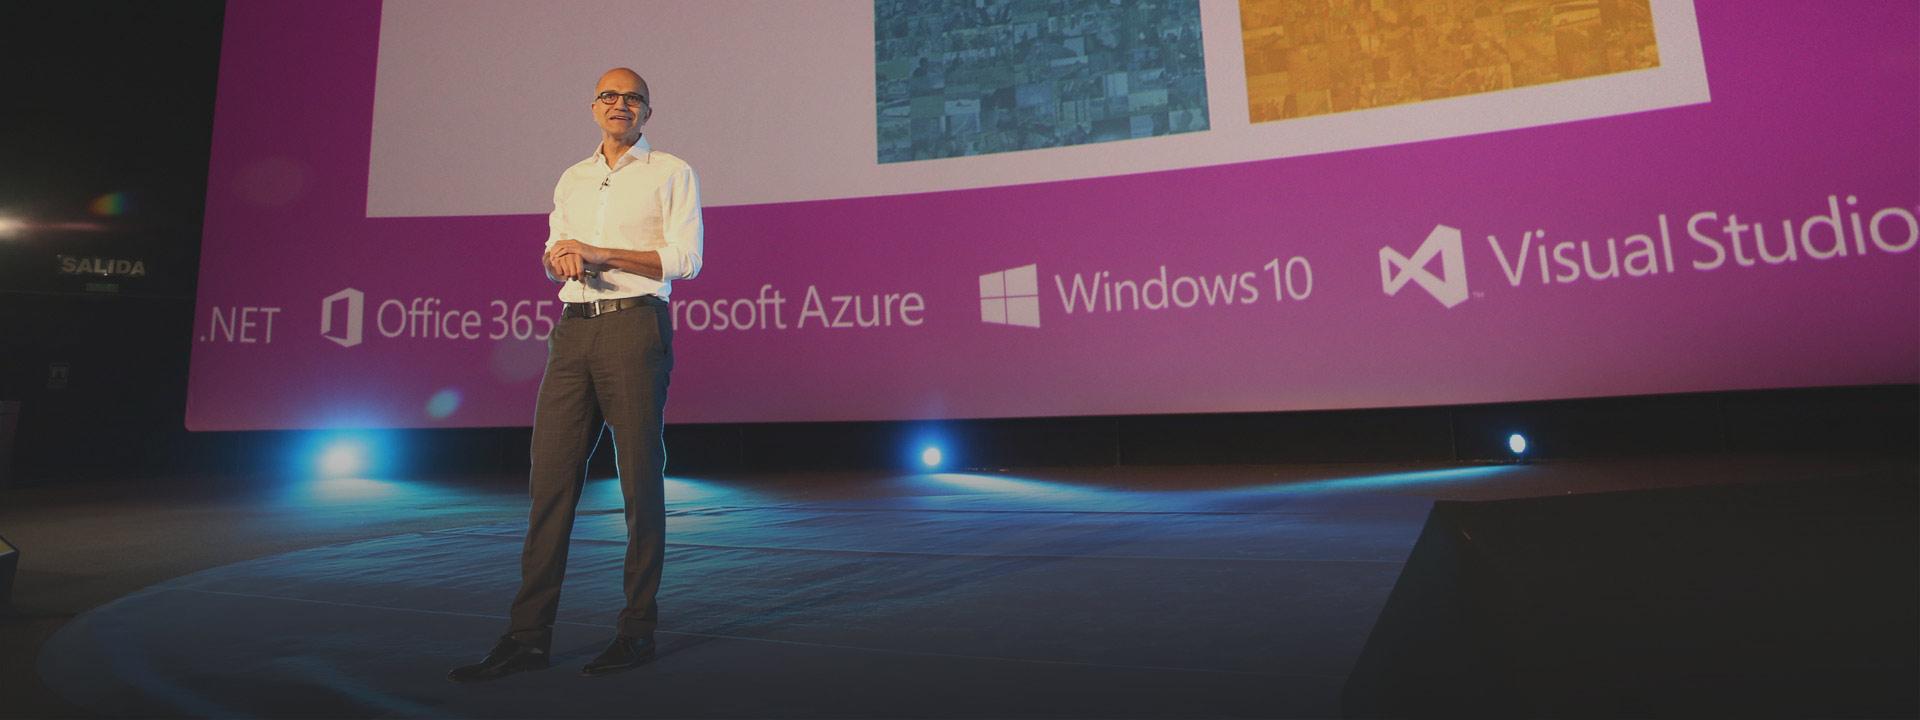 Satya Nadella presentando el la .Net Conference 2016 en Madrid, no te pierdas todas las sesiones